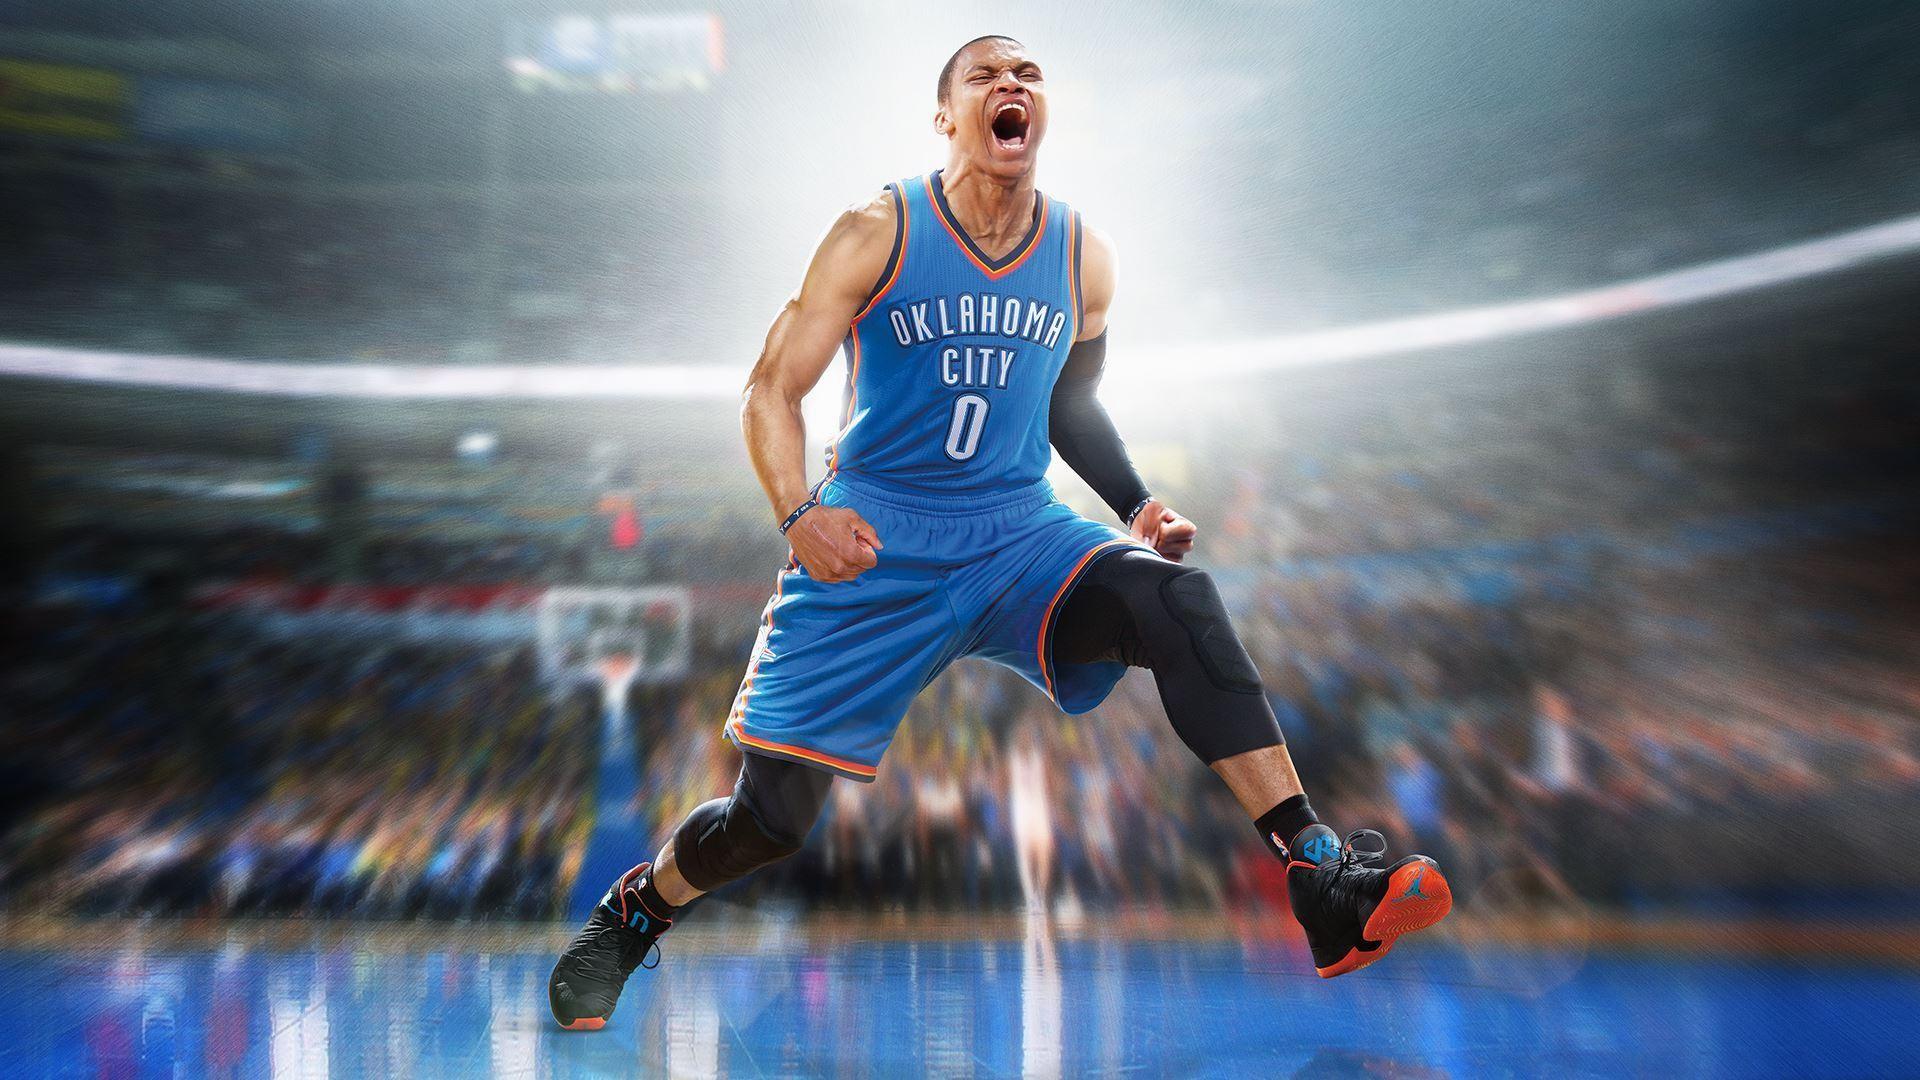 NBA Live Wallpaper 81 images